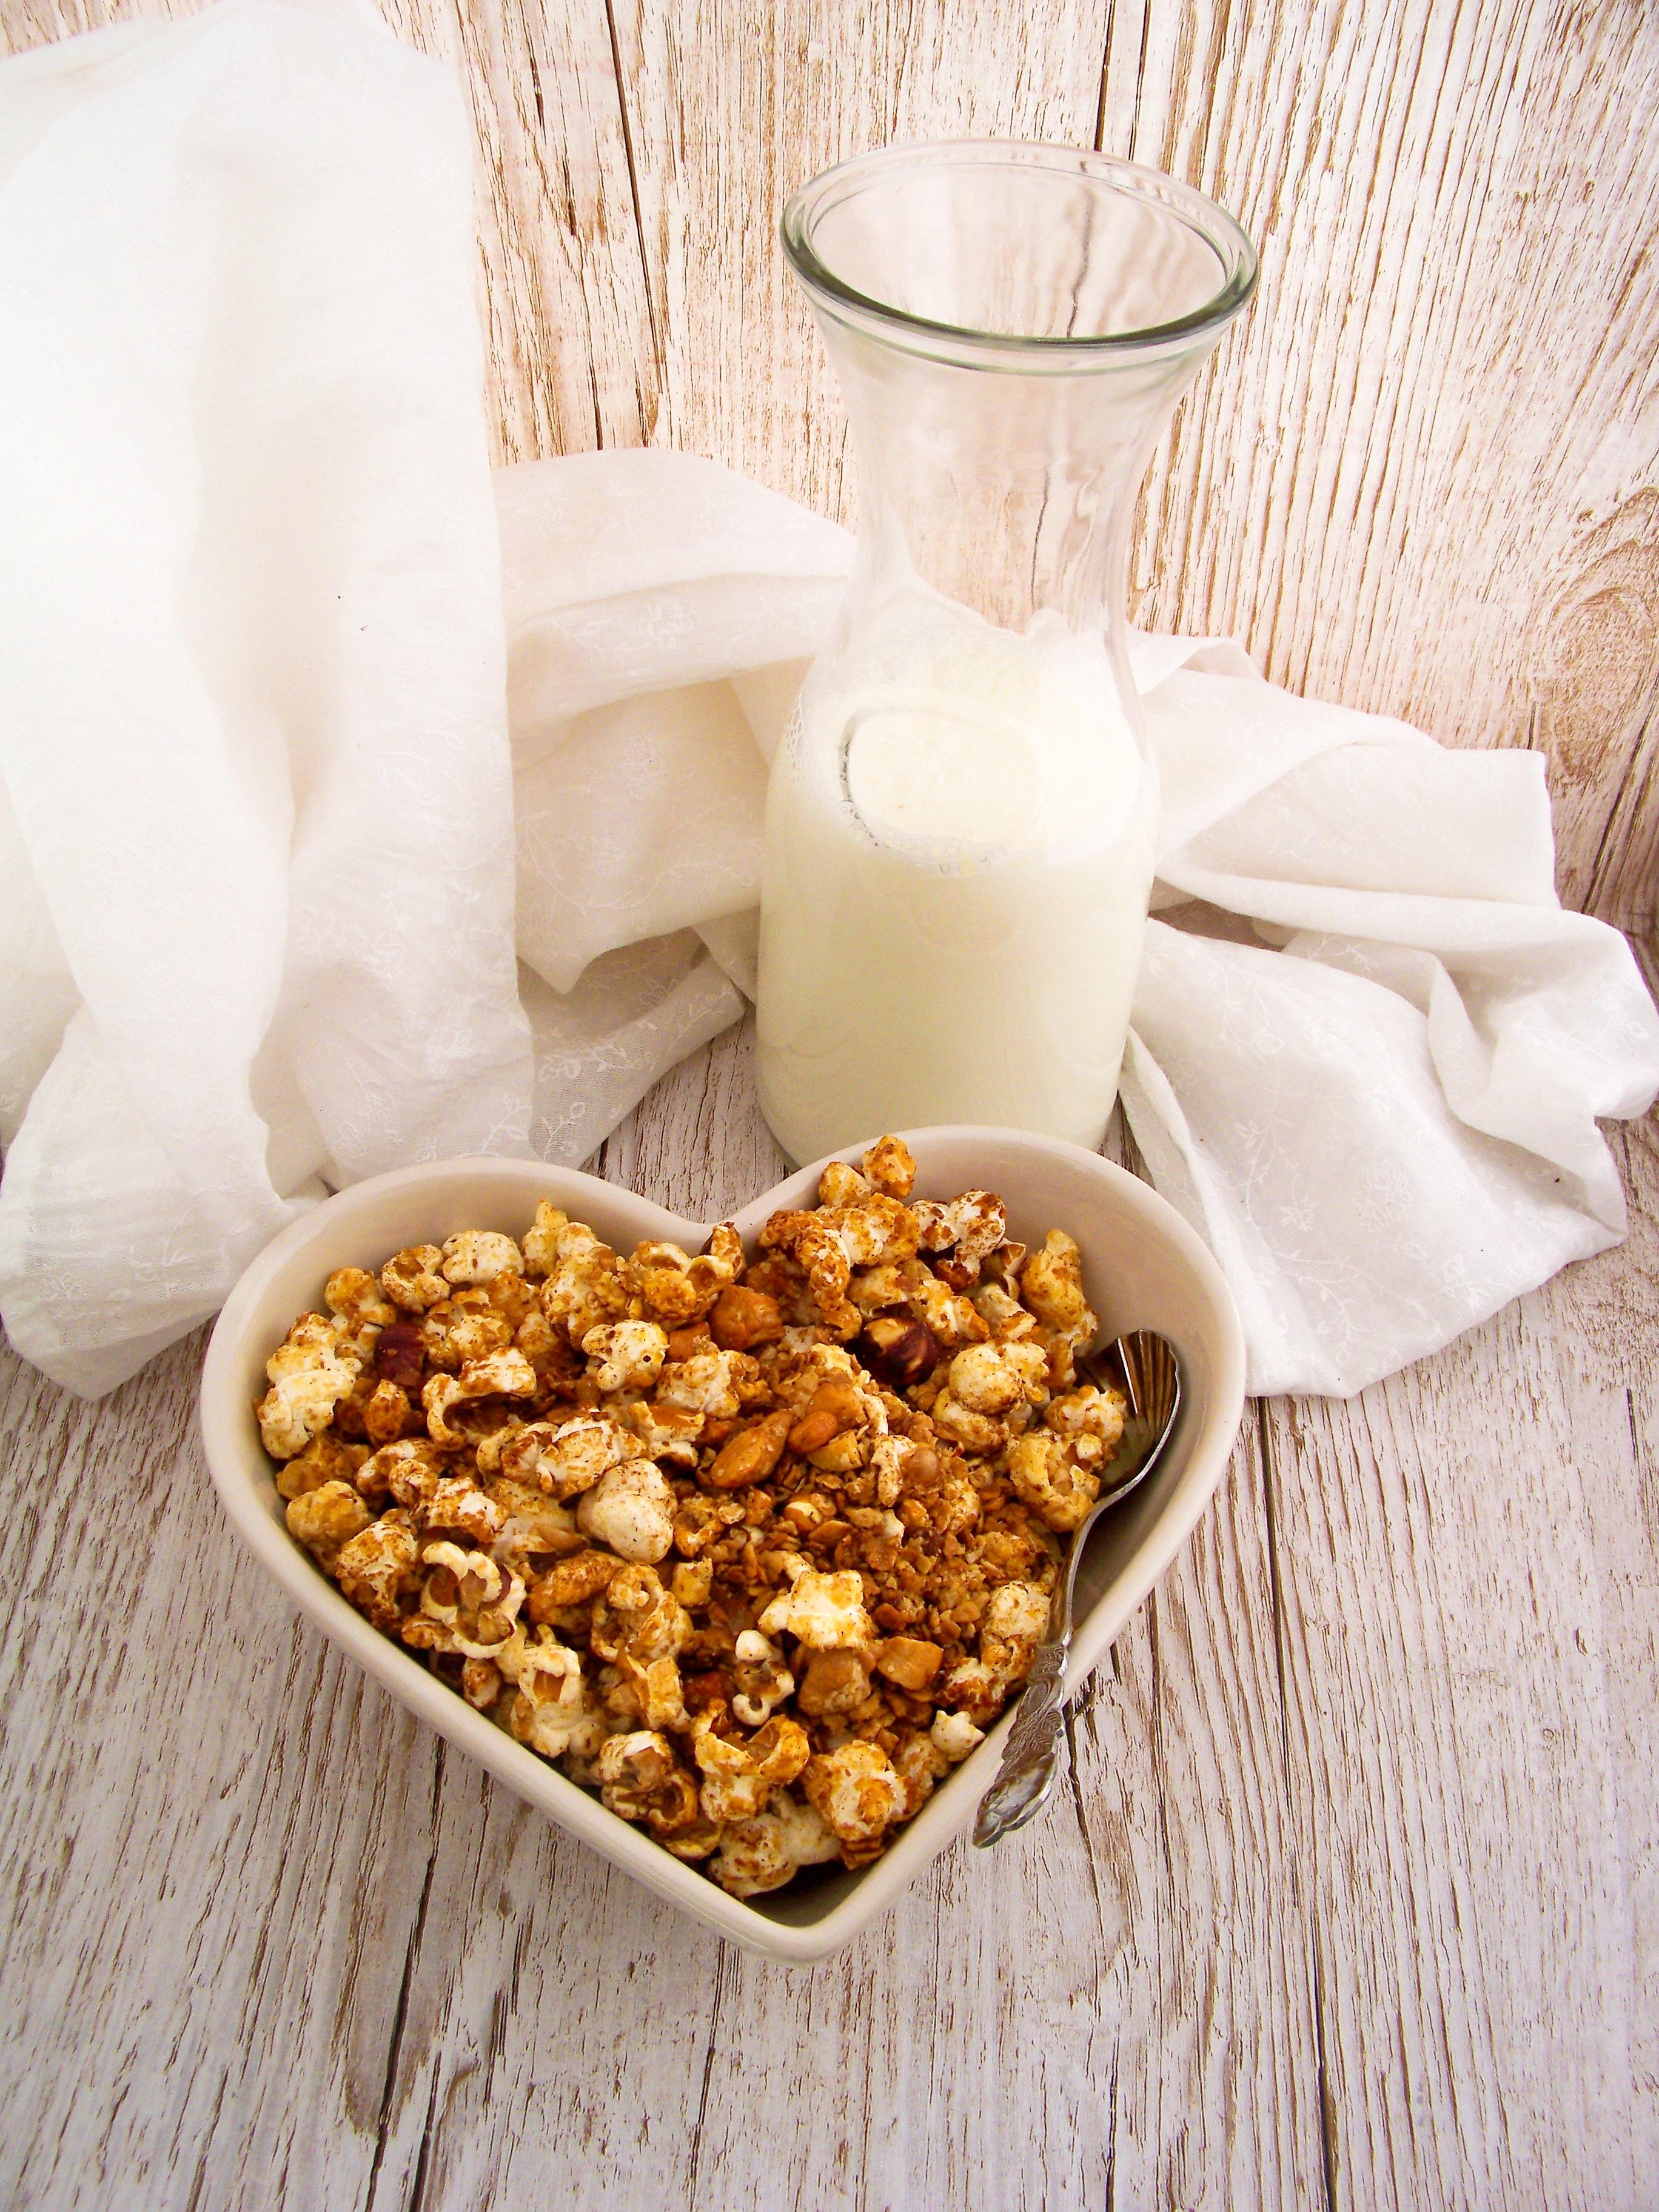 Granola_mit_Popcorn und Milchflasche im Hintergrund